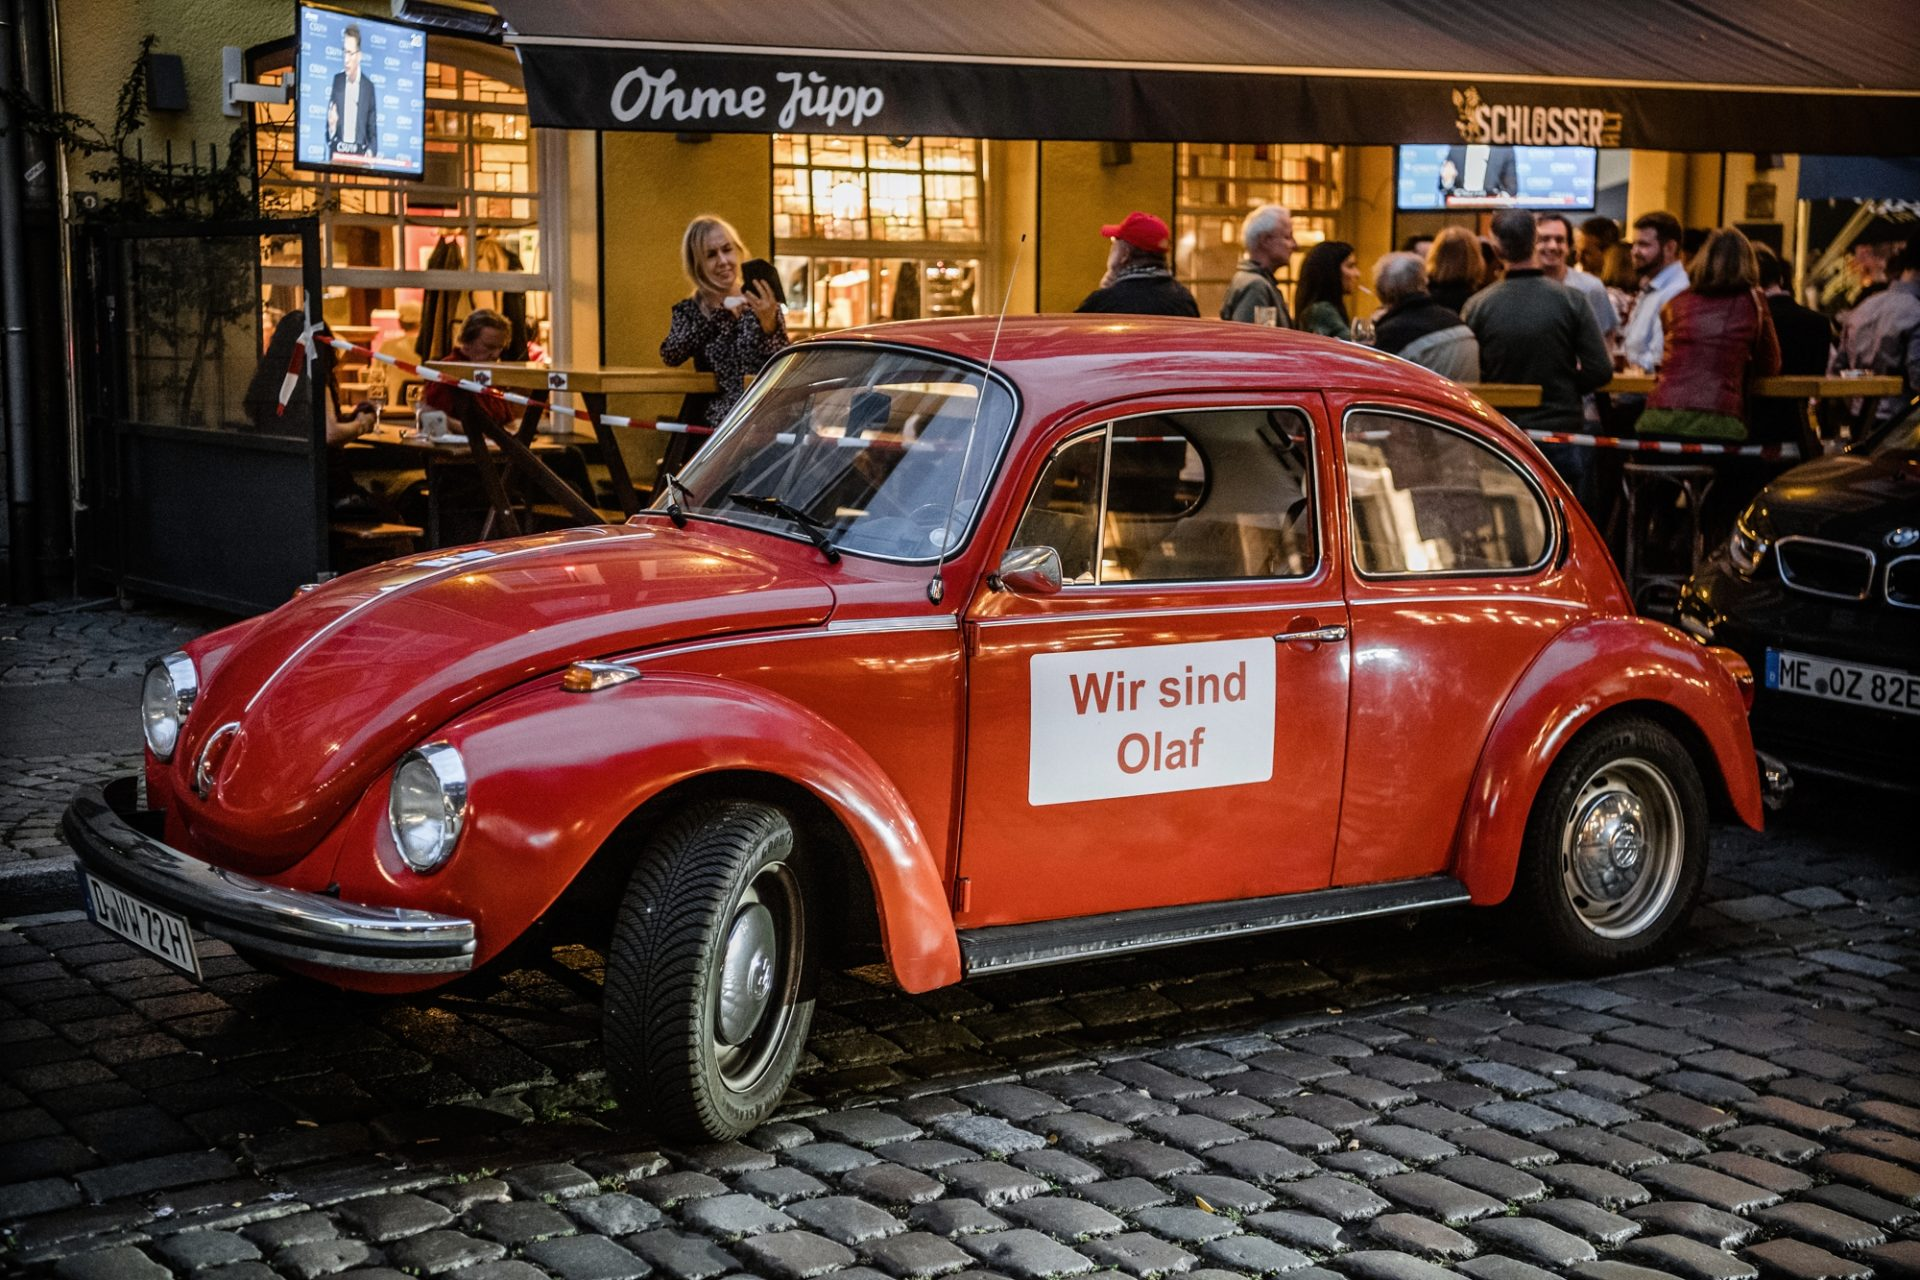 """Die Düsseldorfer SPD feierte den Wahlabend in der Altstadtkneipe """"Ohme Jupp"""". Davor stand dieser rote VW Käfer mit der Aufschrift """"Wir sind Olaf"""". Foto: Andreas Endermann"""